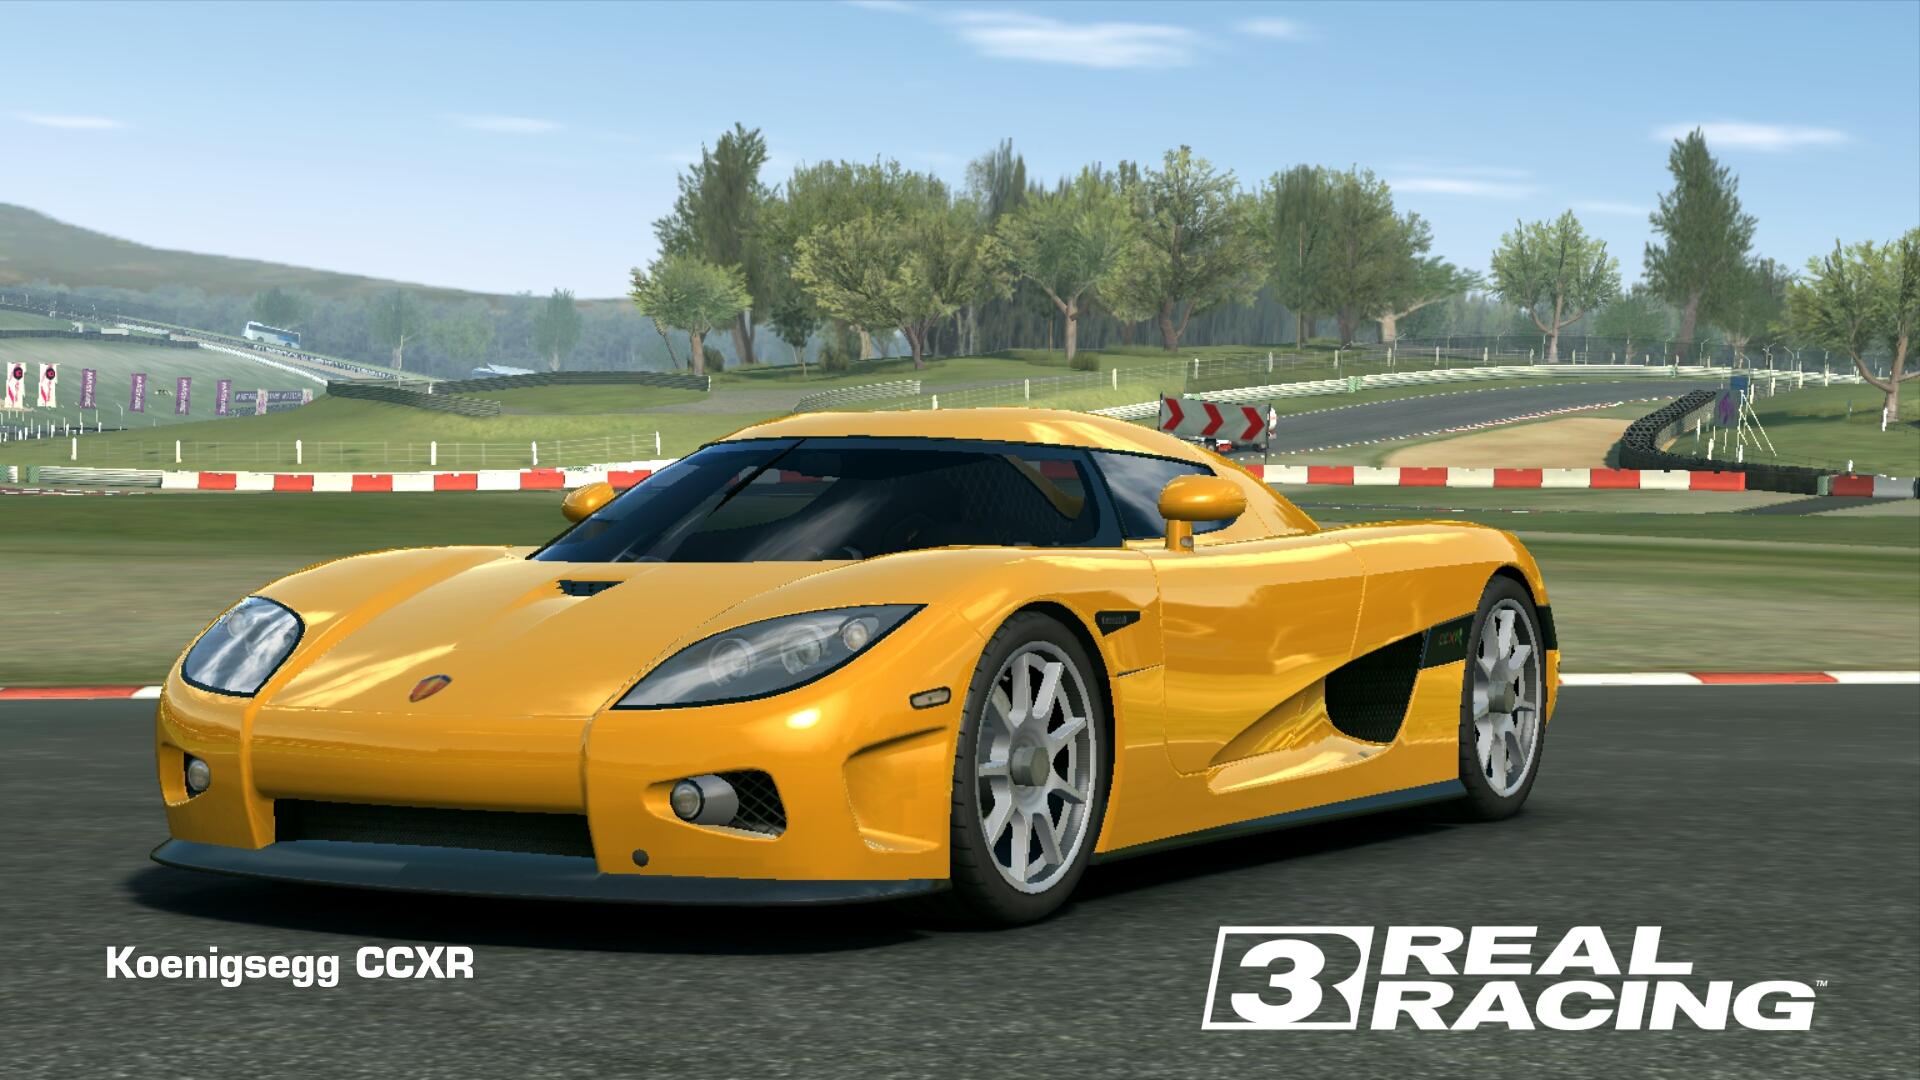 Koenigsegg Ccxr Real Racing Wiki Fandom Powered By Wikia